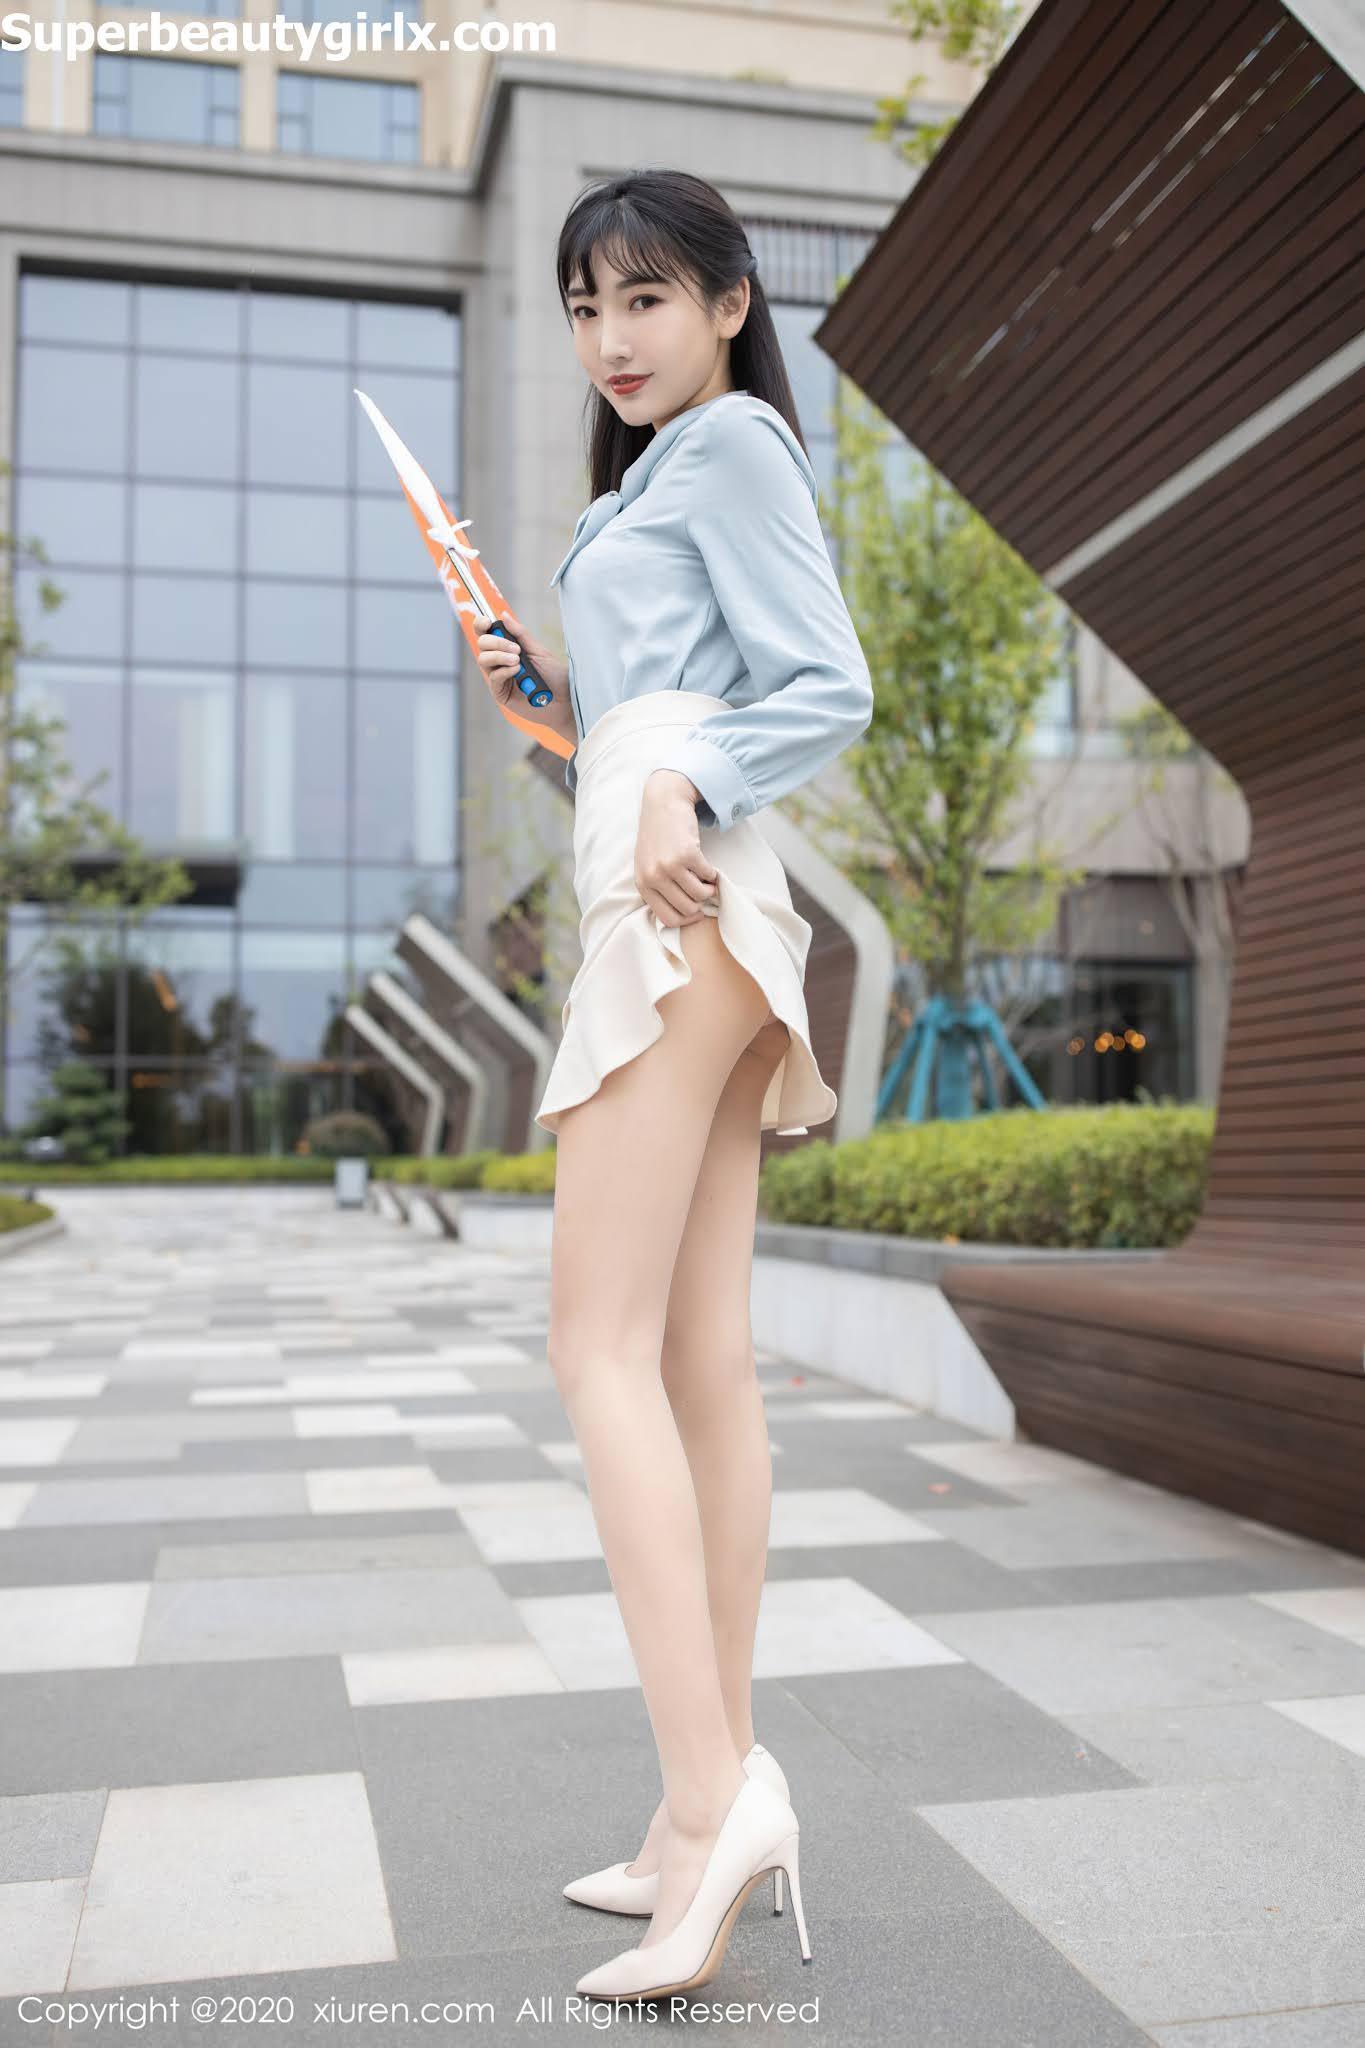 XIUREN-No.2750-Lu-Xuan-Xuan-Superbeautygirlx.com